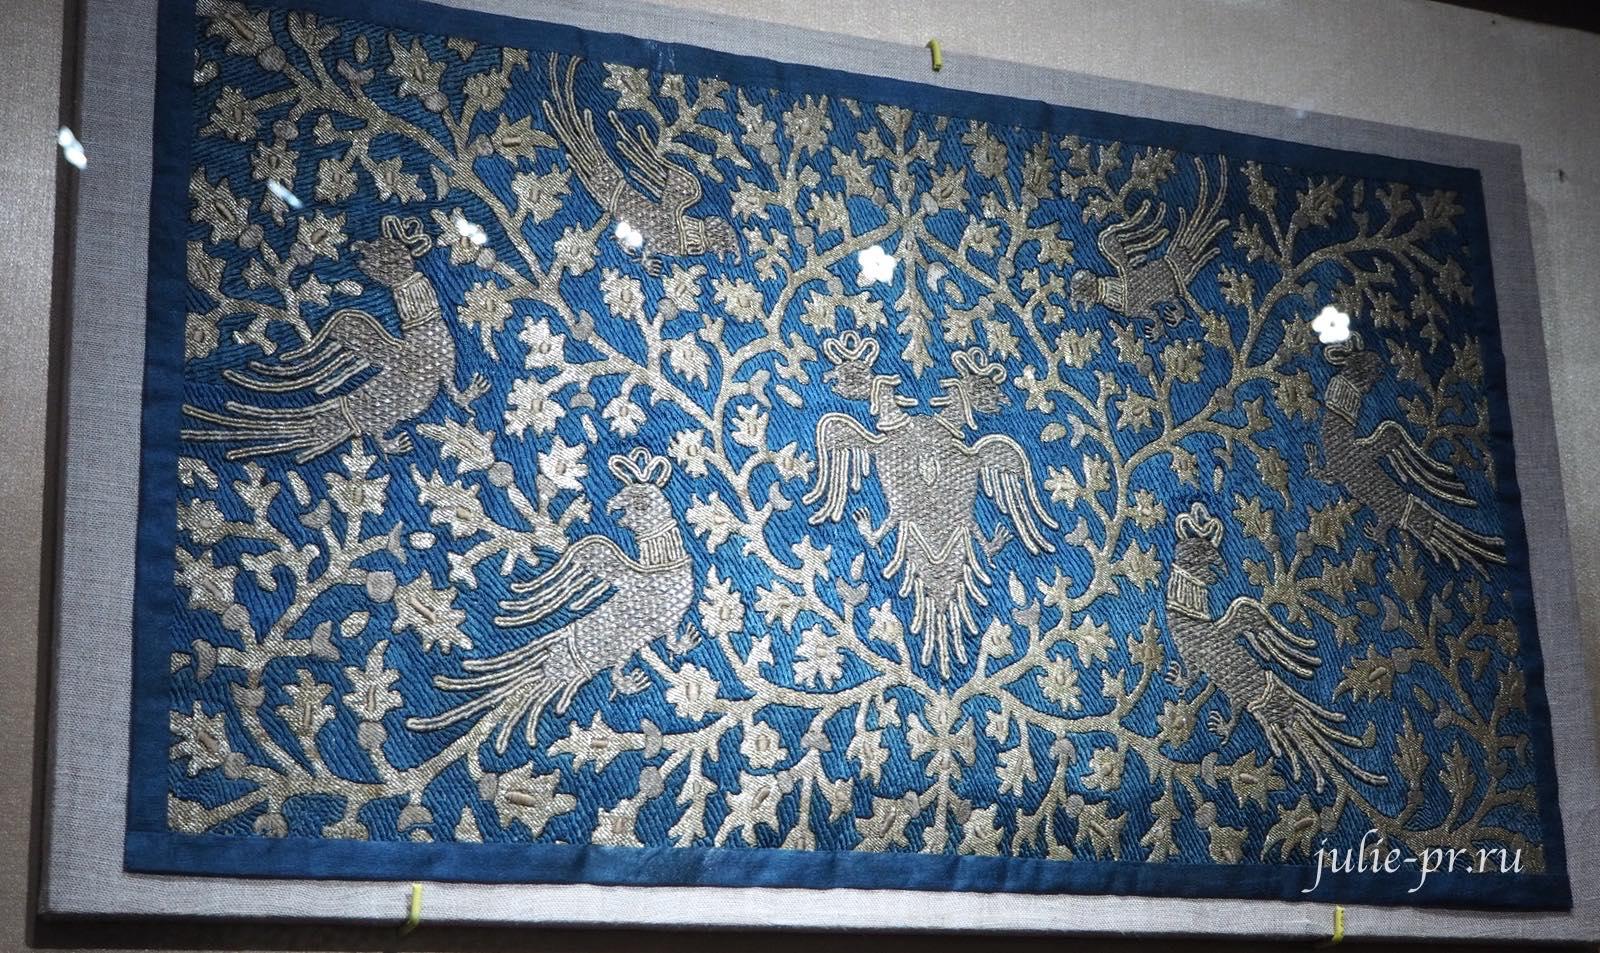 Вышивка для оформления царского места (Москва, Царицына мастерская палата, середина — вторая половина XVII века): шёлковые и золотные нити, изобразительное шитьё